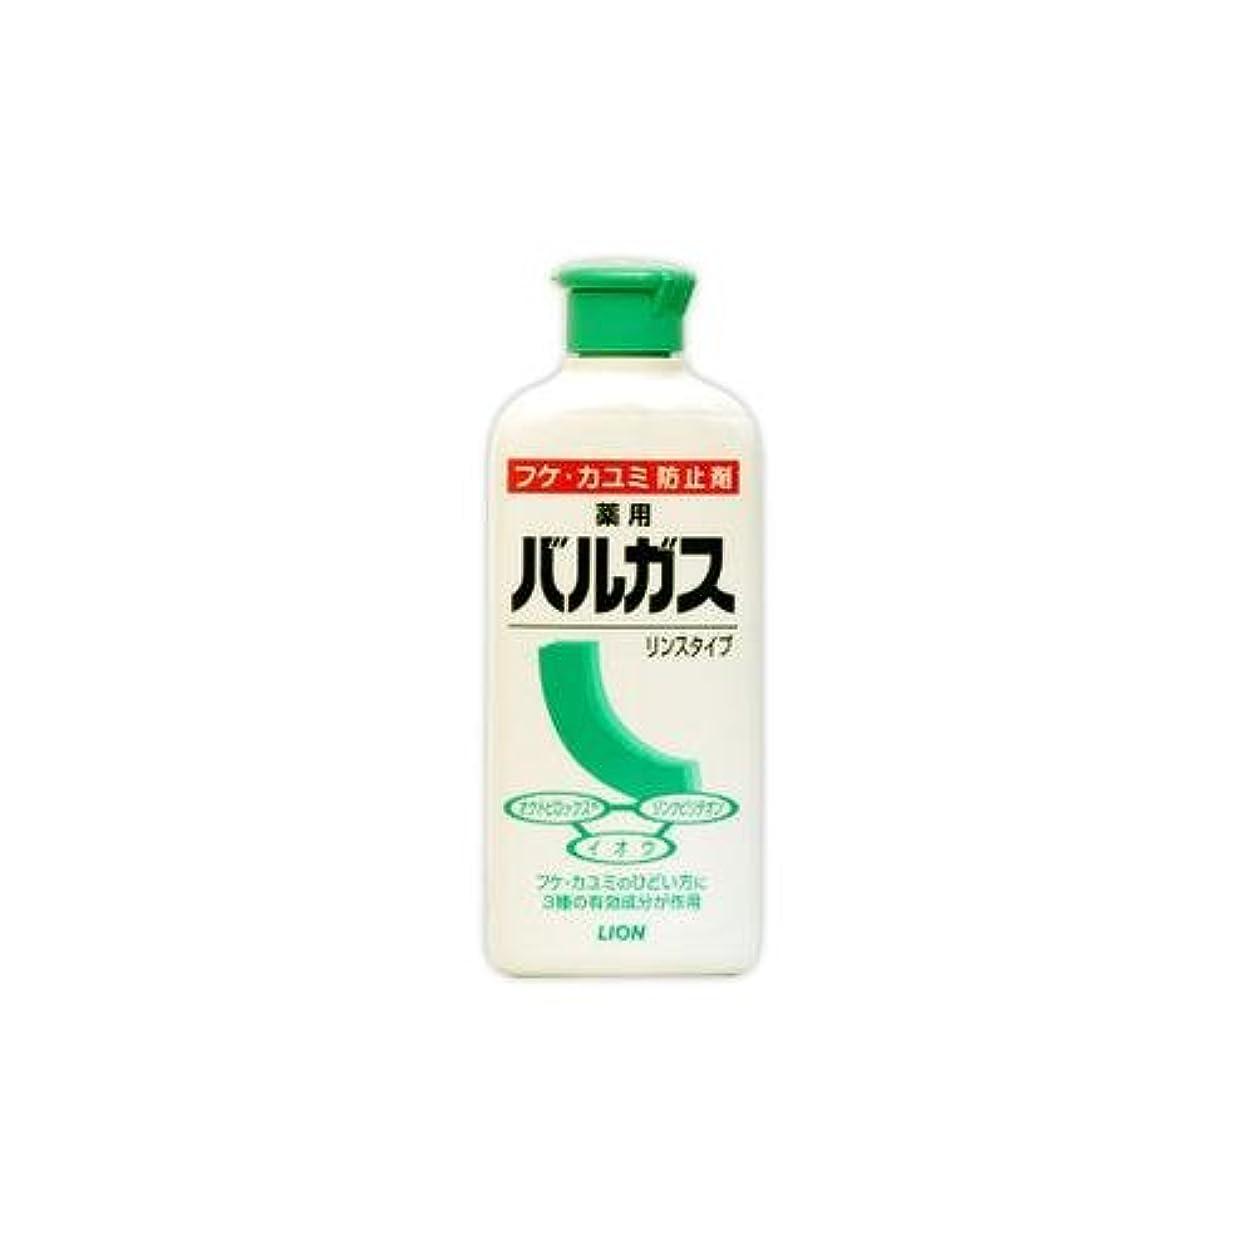 シート国民移住するライオンバルガス薬用リンスフレッシュフローラルの香り200ml